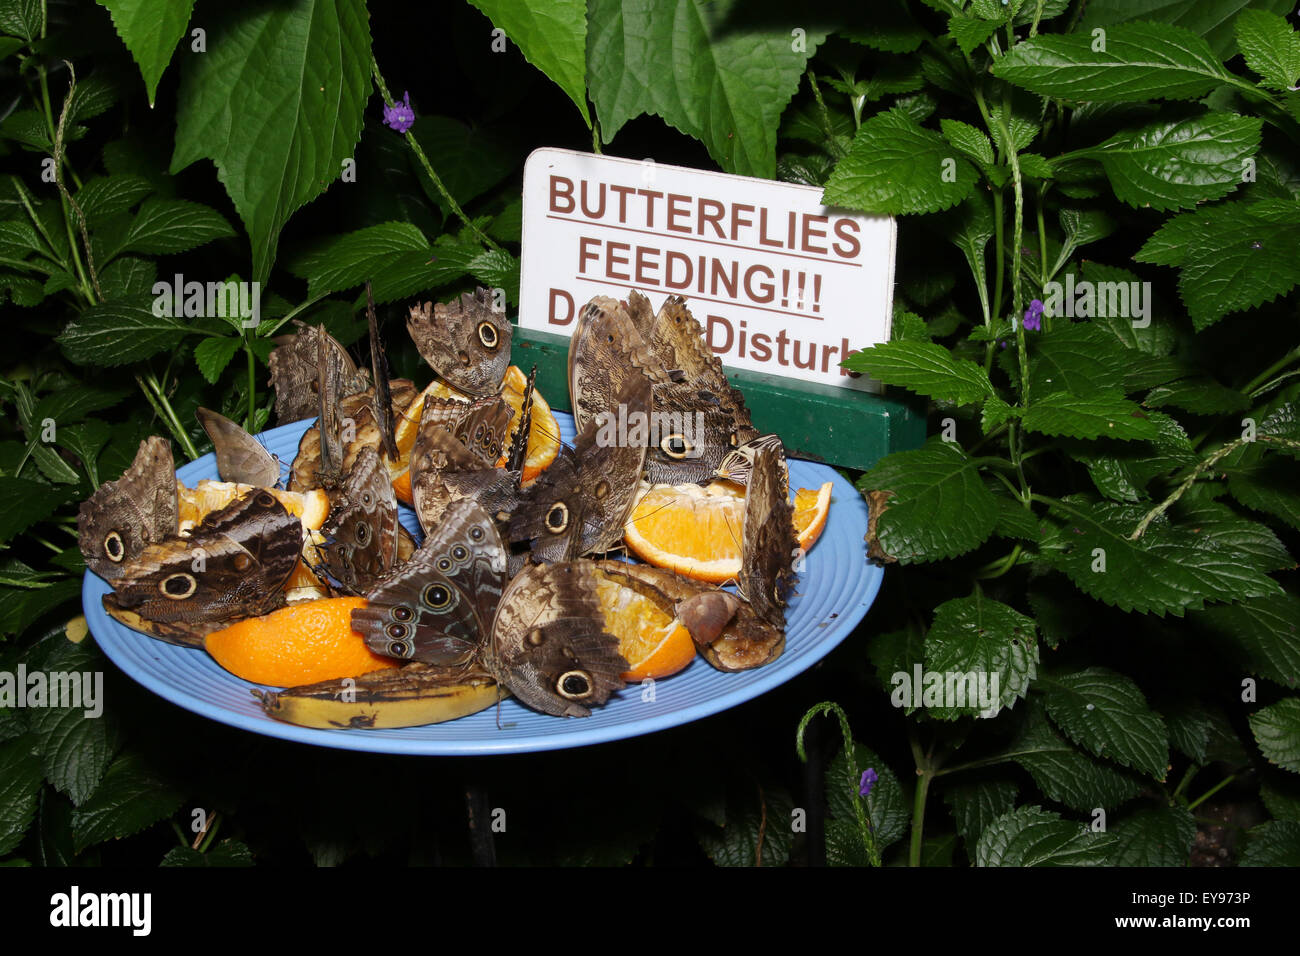 Schmetterlinge Ernahren Sich Von Obst Schneiden Zeichen Die Lautet